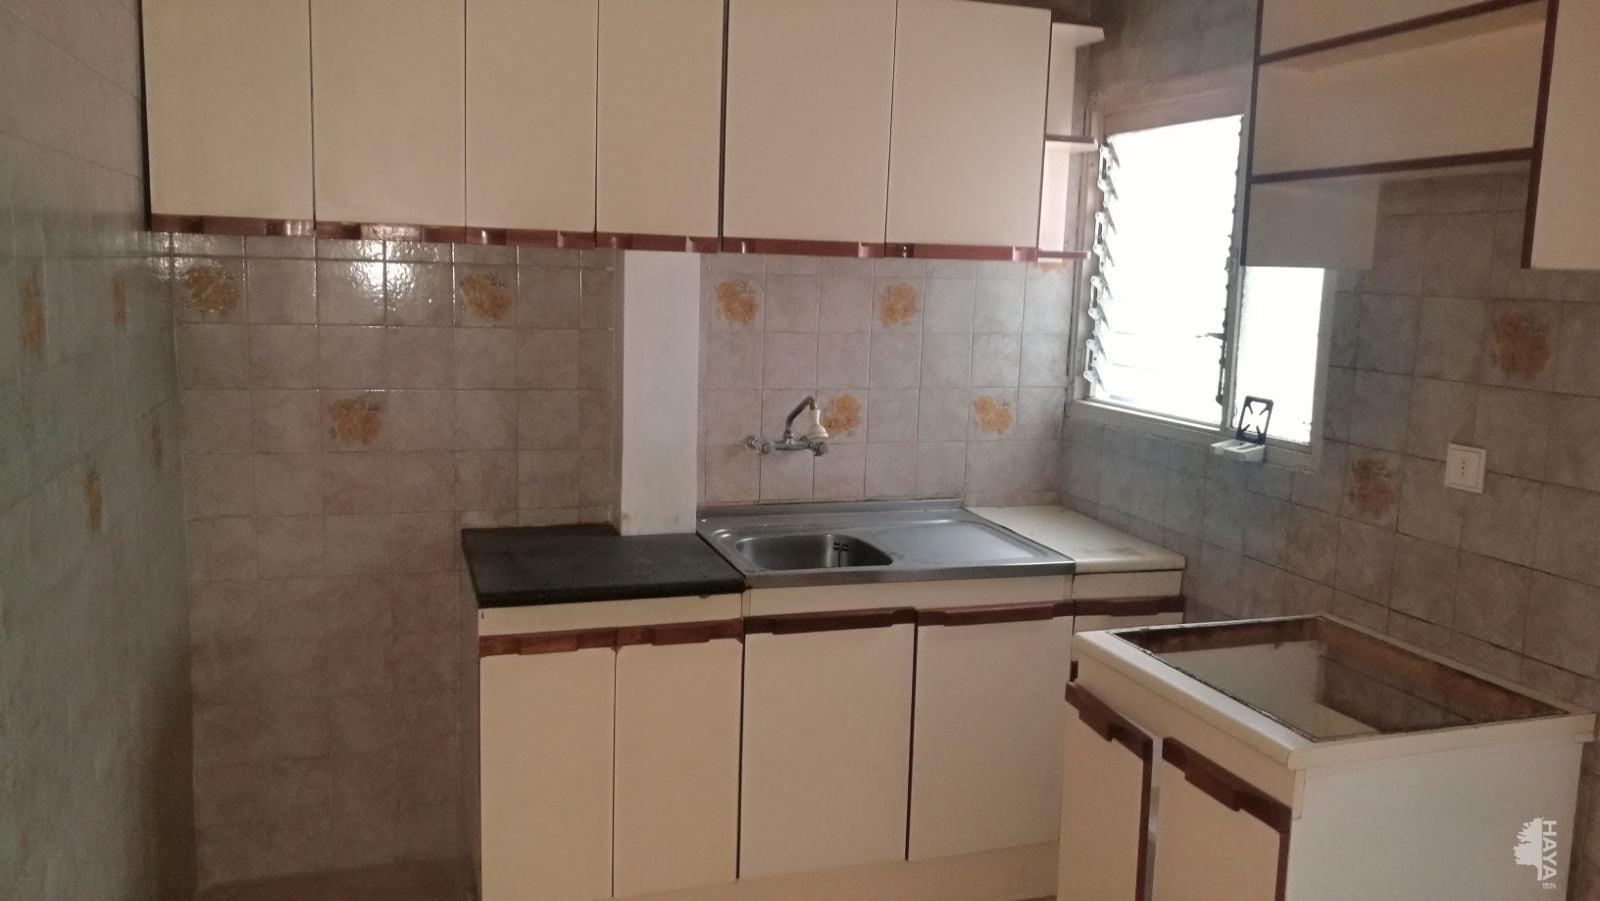 Piso en venta en Las Palmas de Gran Canaria, Las Palmas, Plaza de la Libertad, 65.100 €, 3 habitaciones, 1 baño, 72 m2